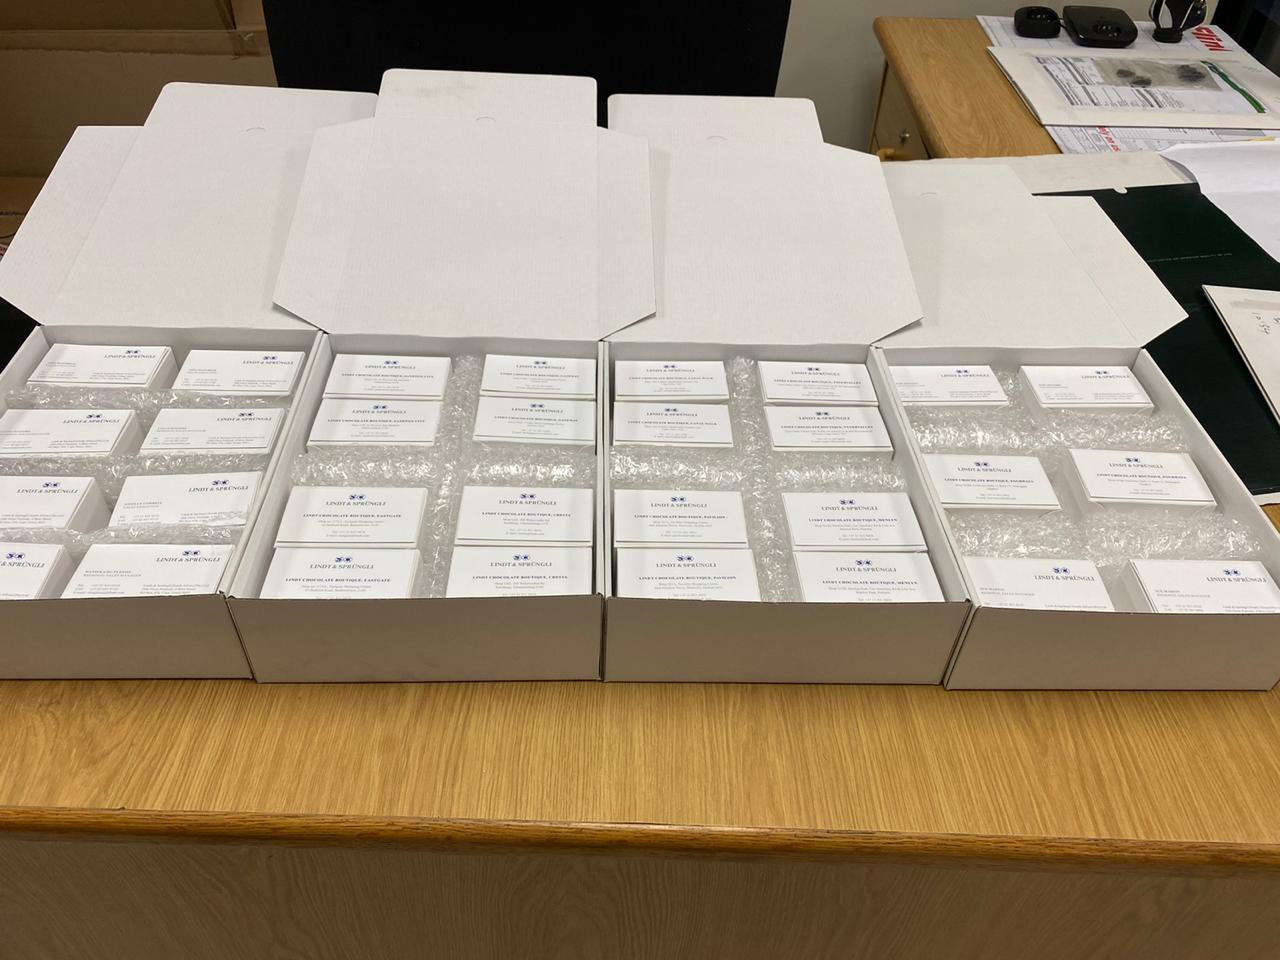 Lindt & Sprüngli Visitenkarten - sorgfältig verpackt - warten auf Auslieferung